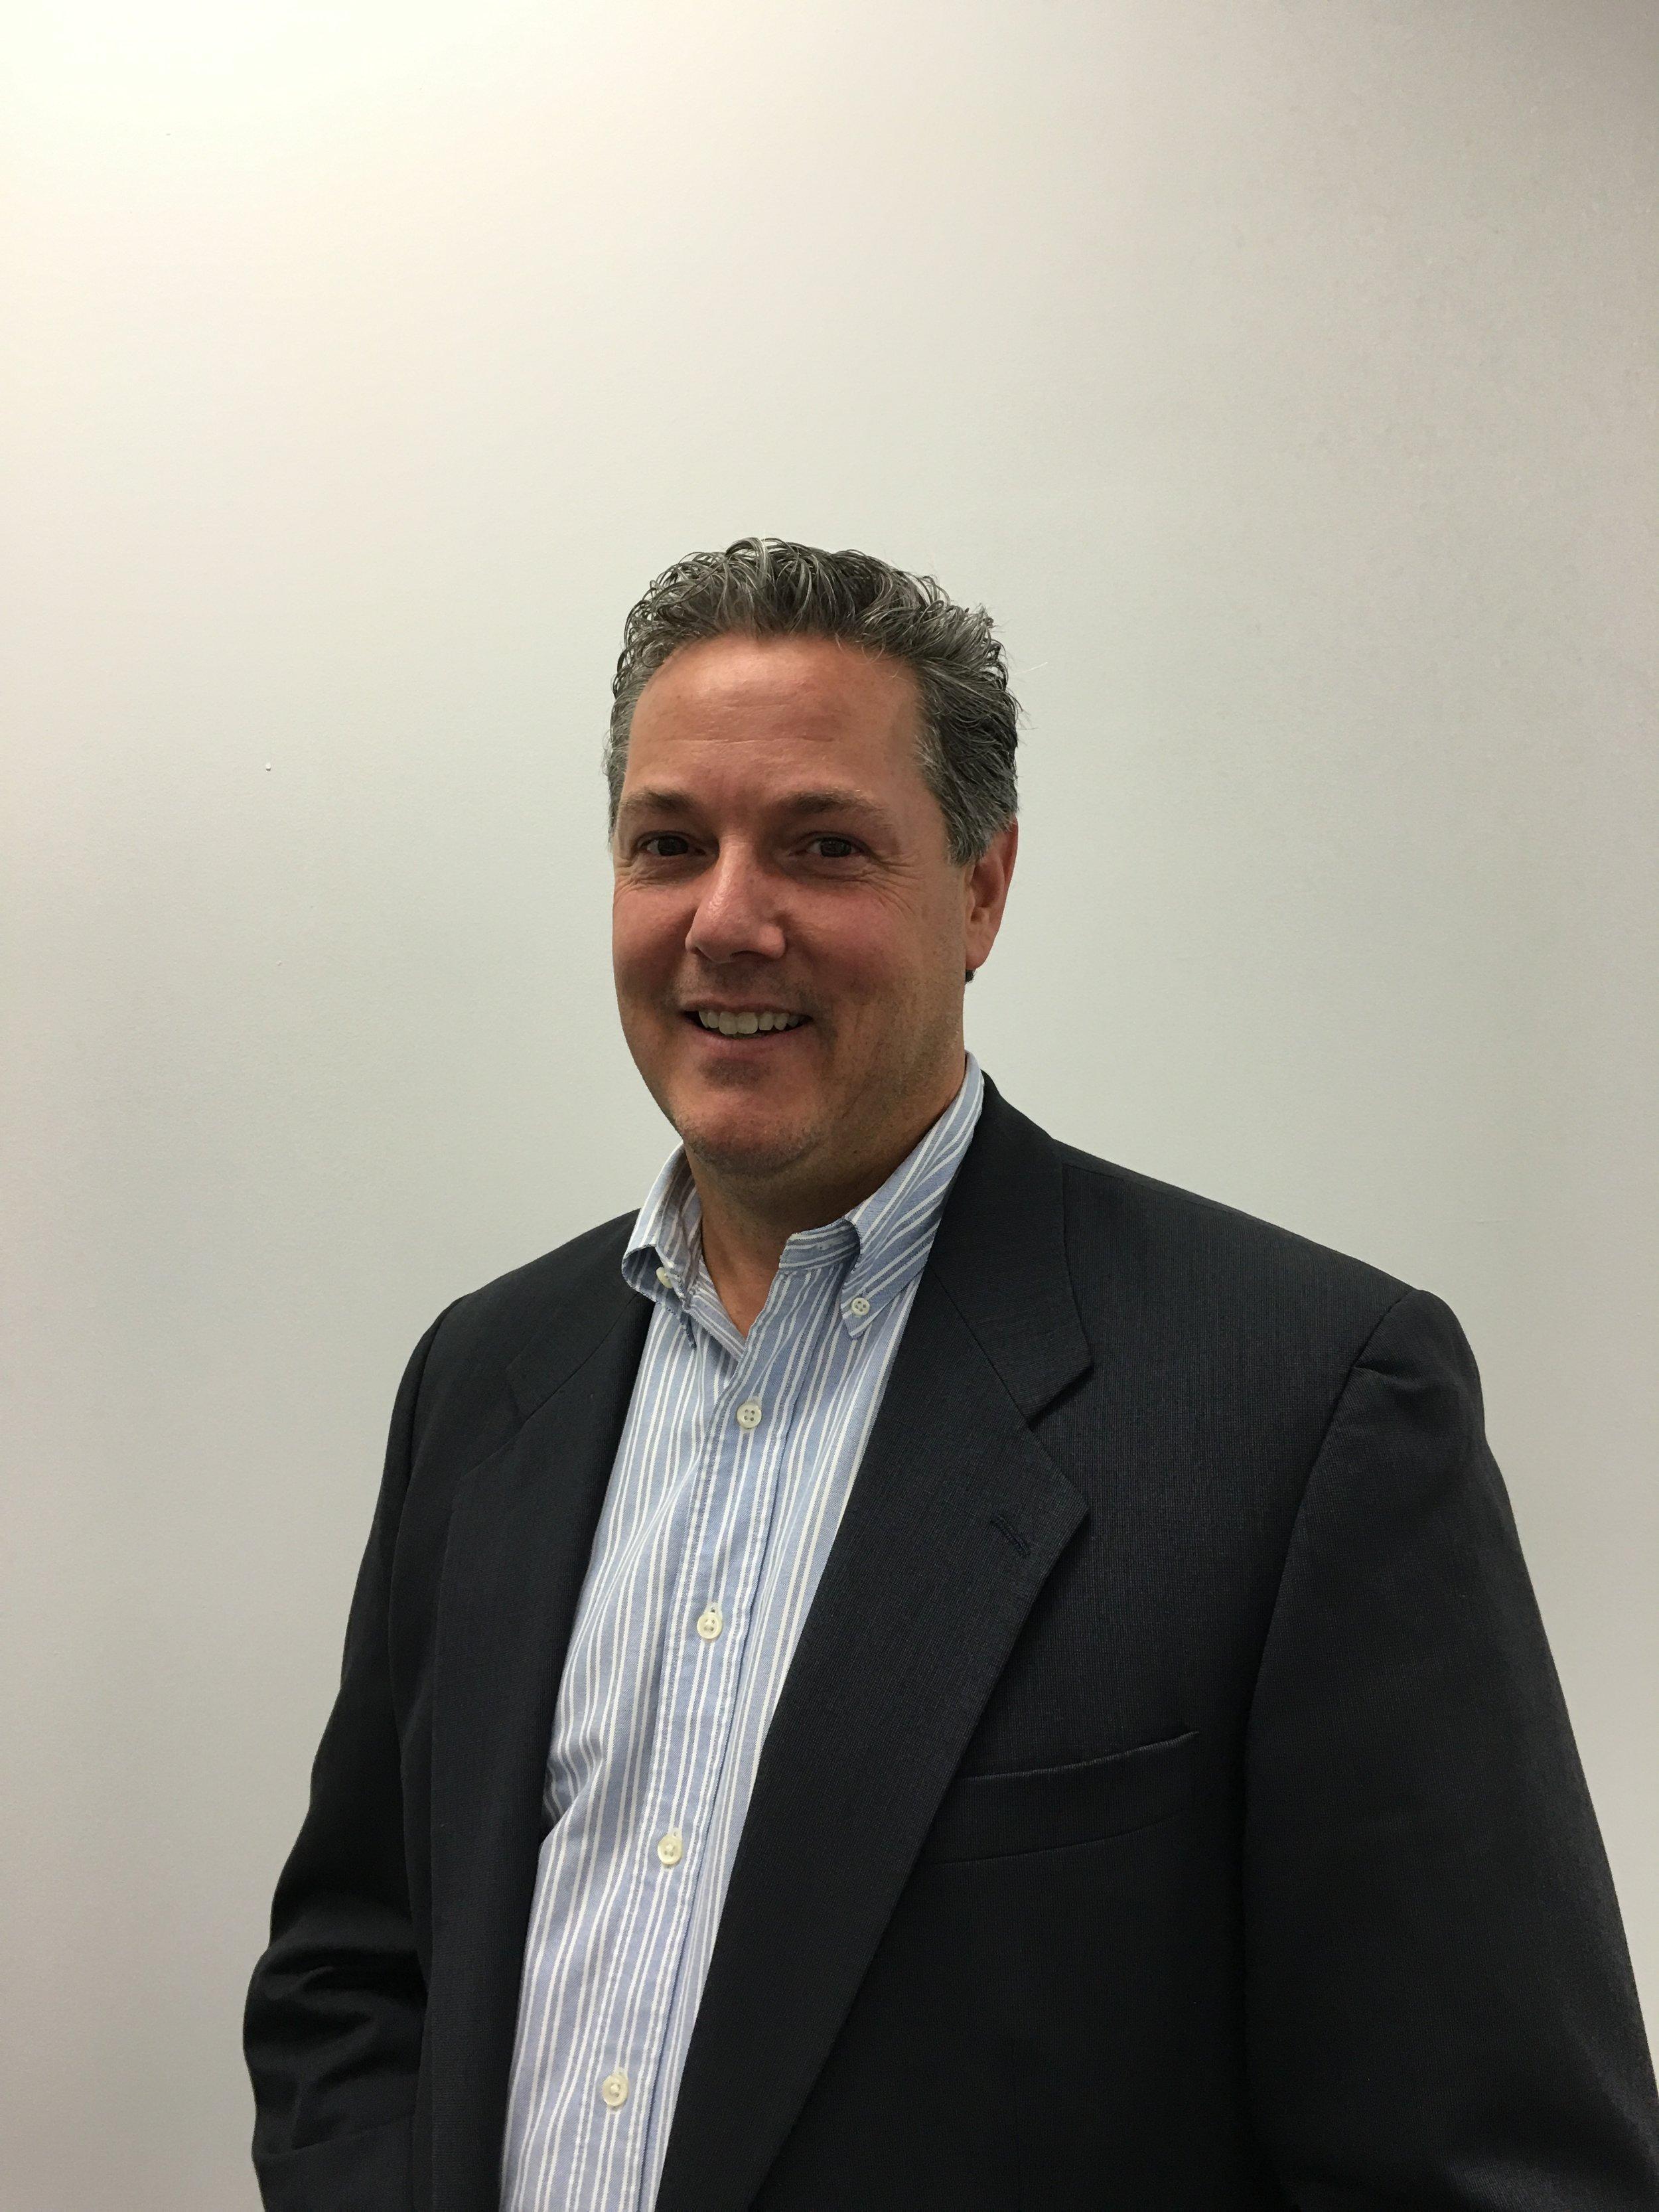 Chris McConnell Sr. / Owner & President